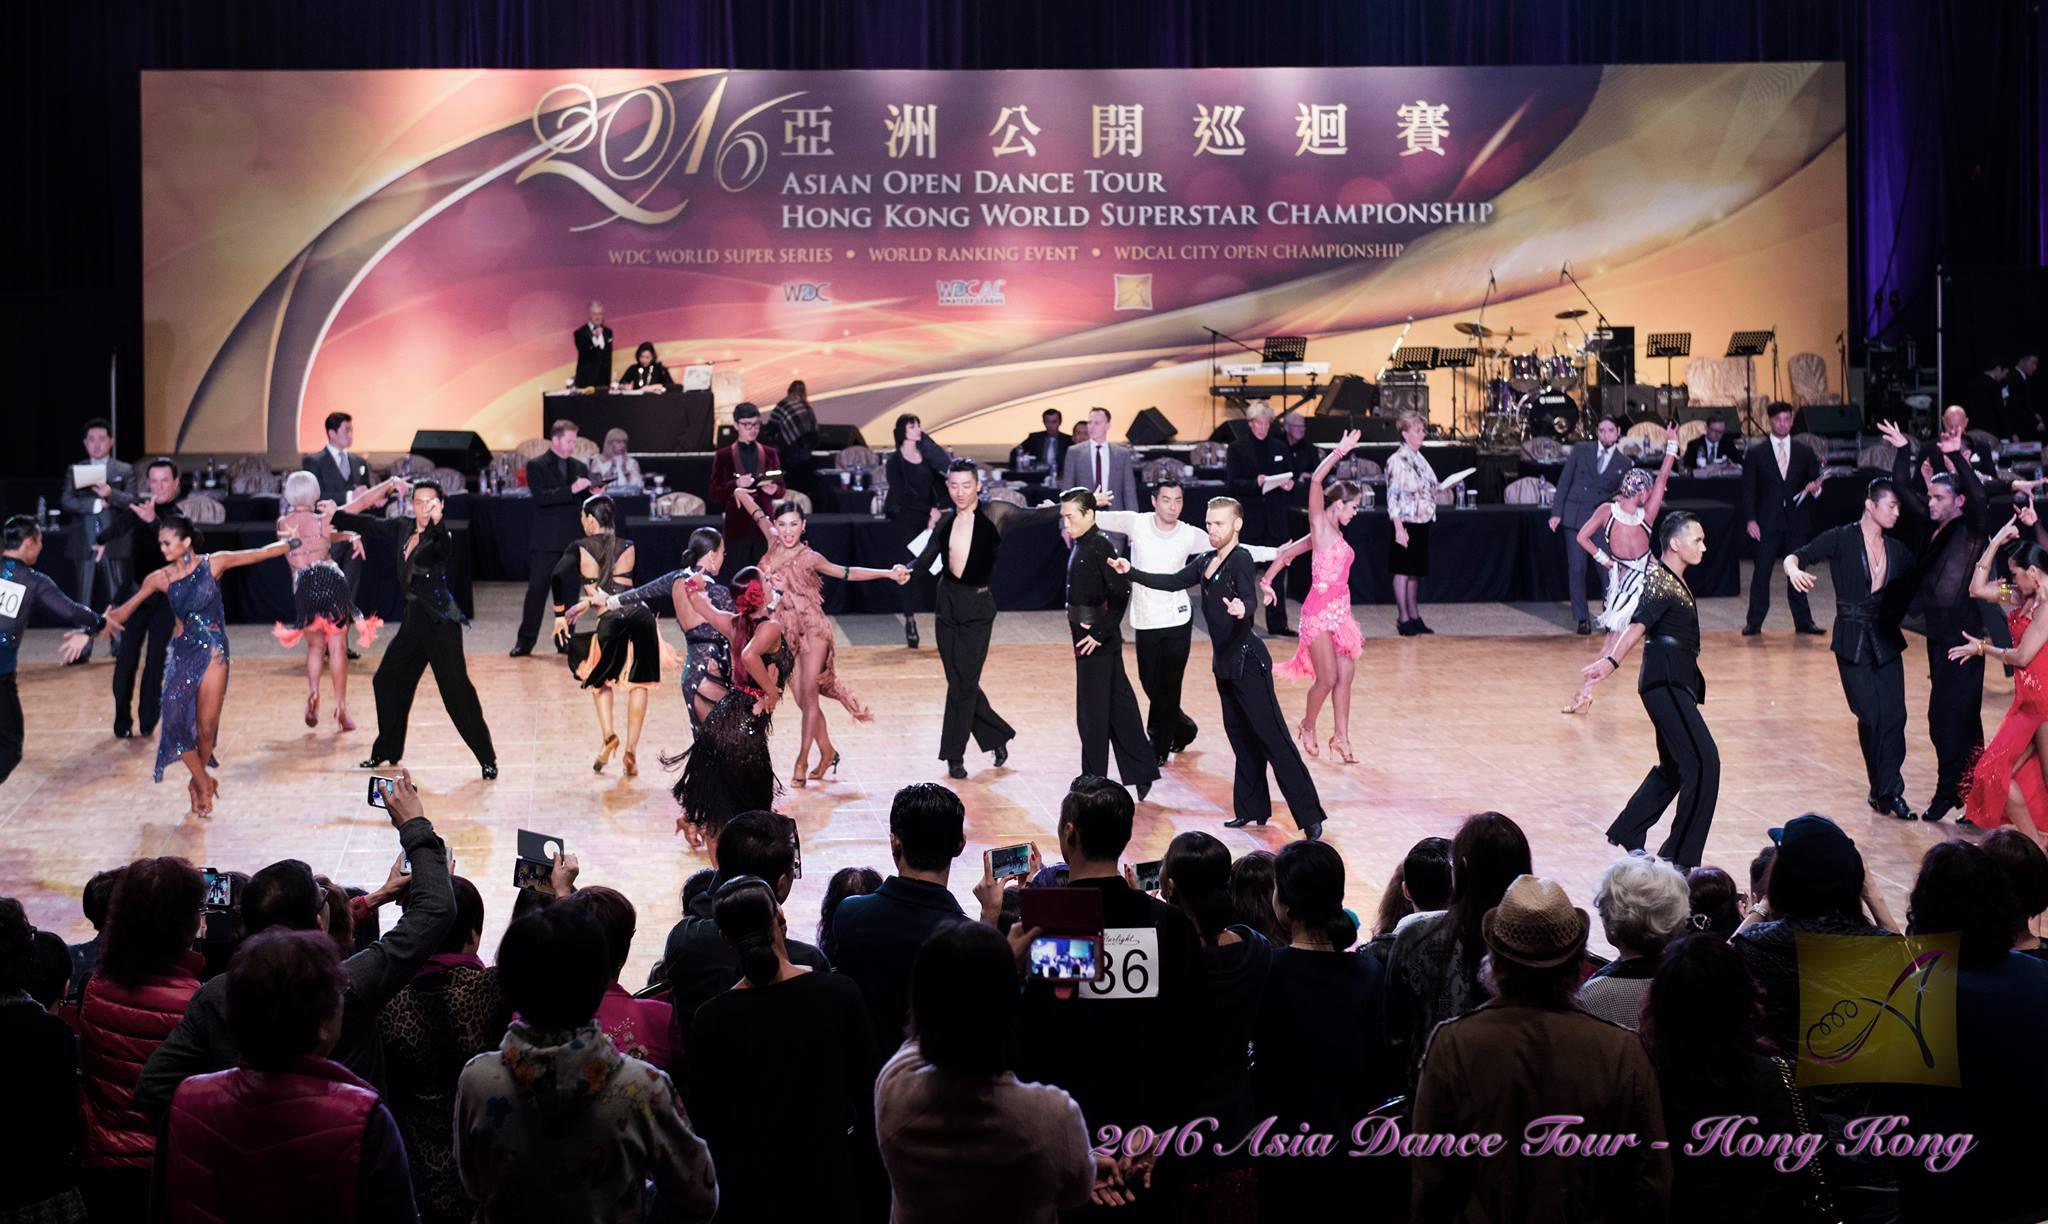 Asian Tour 2016- Hong Kong World Superstar Championship